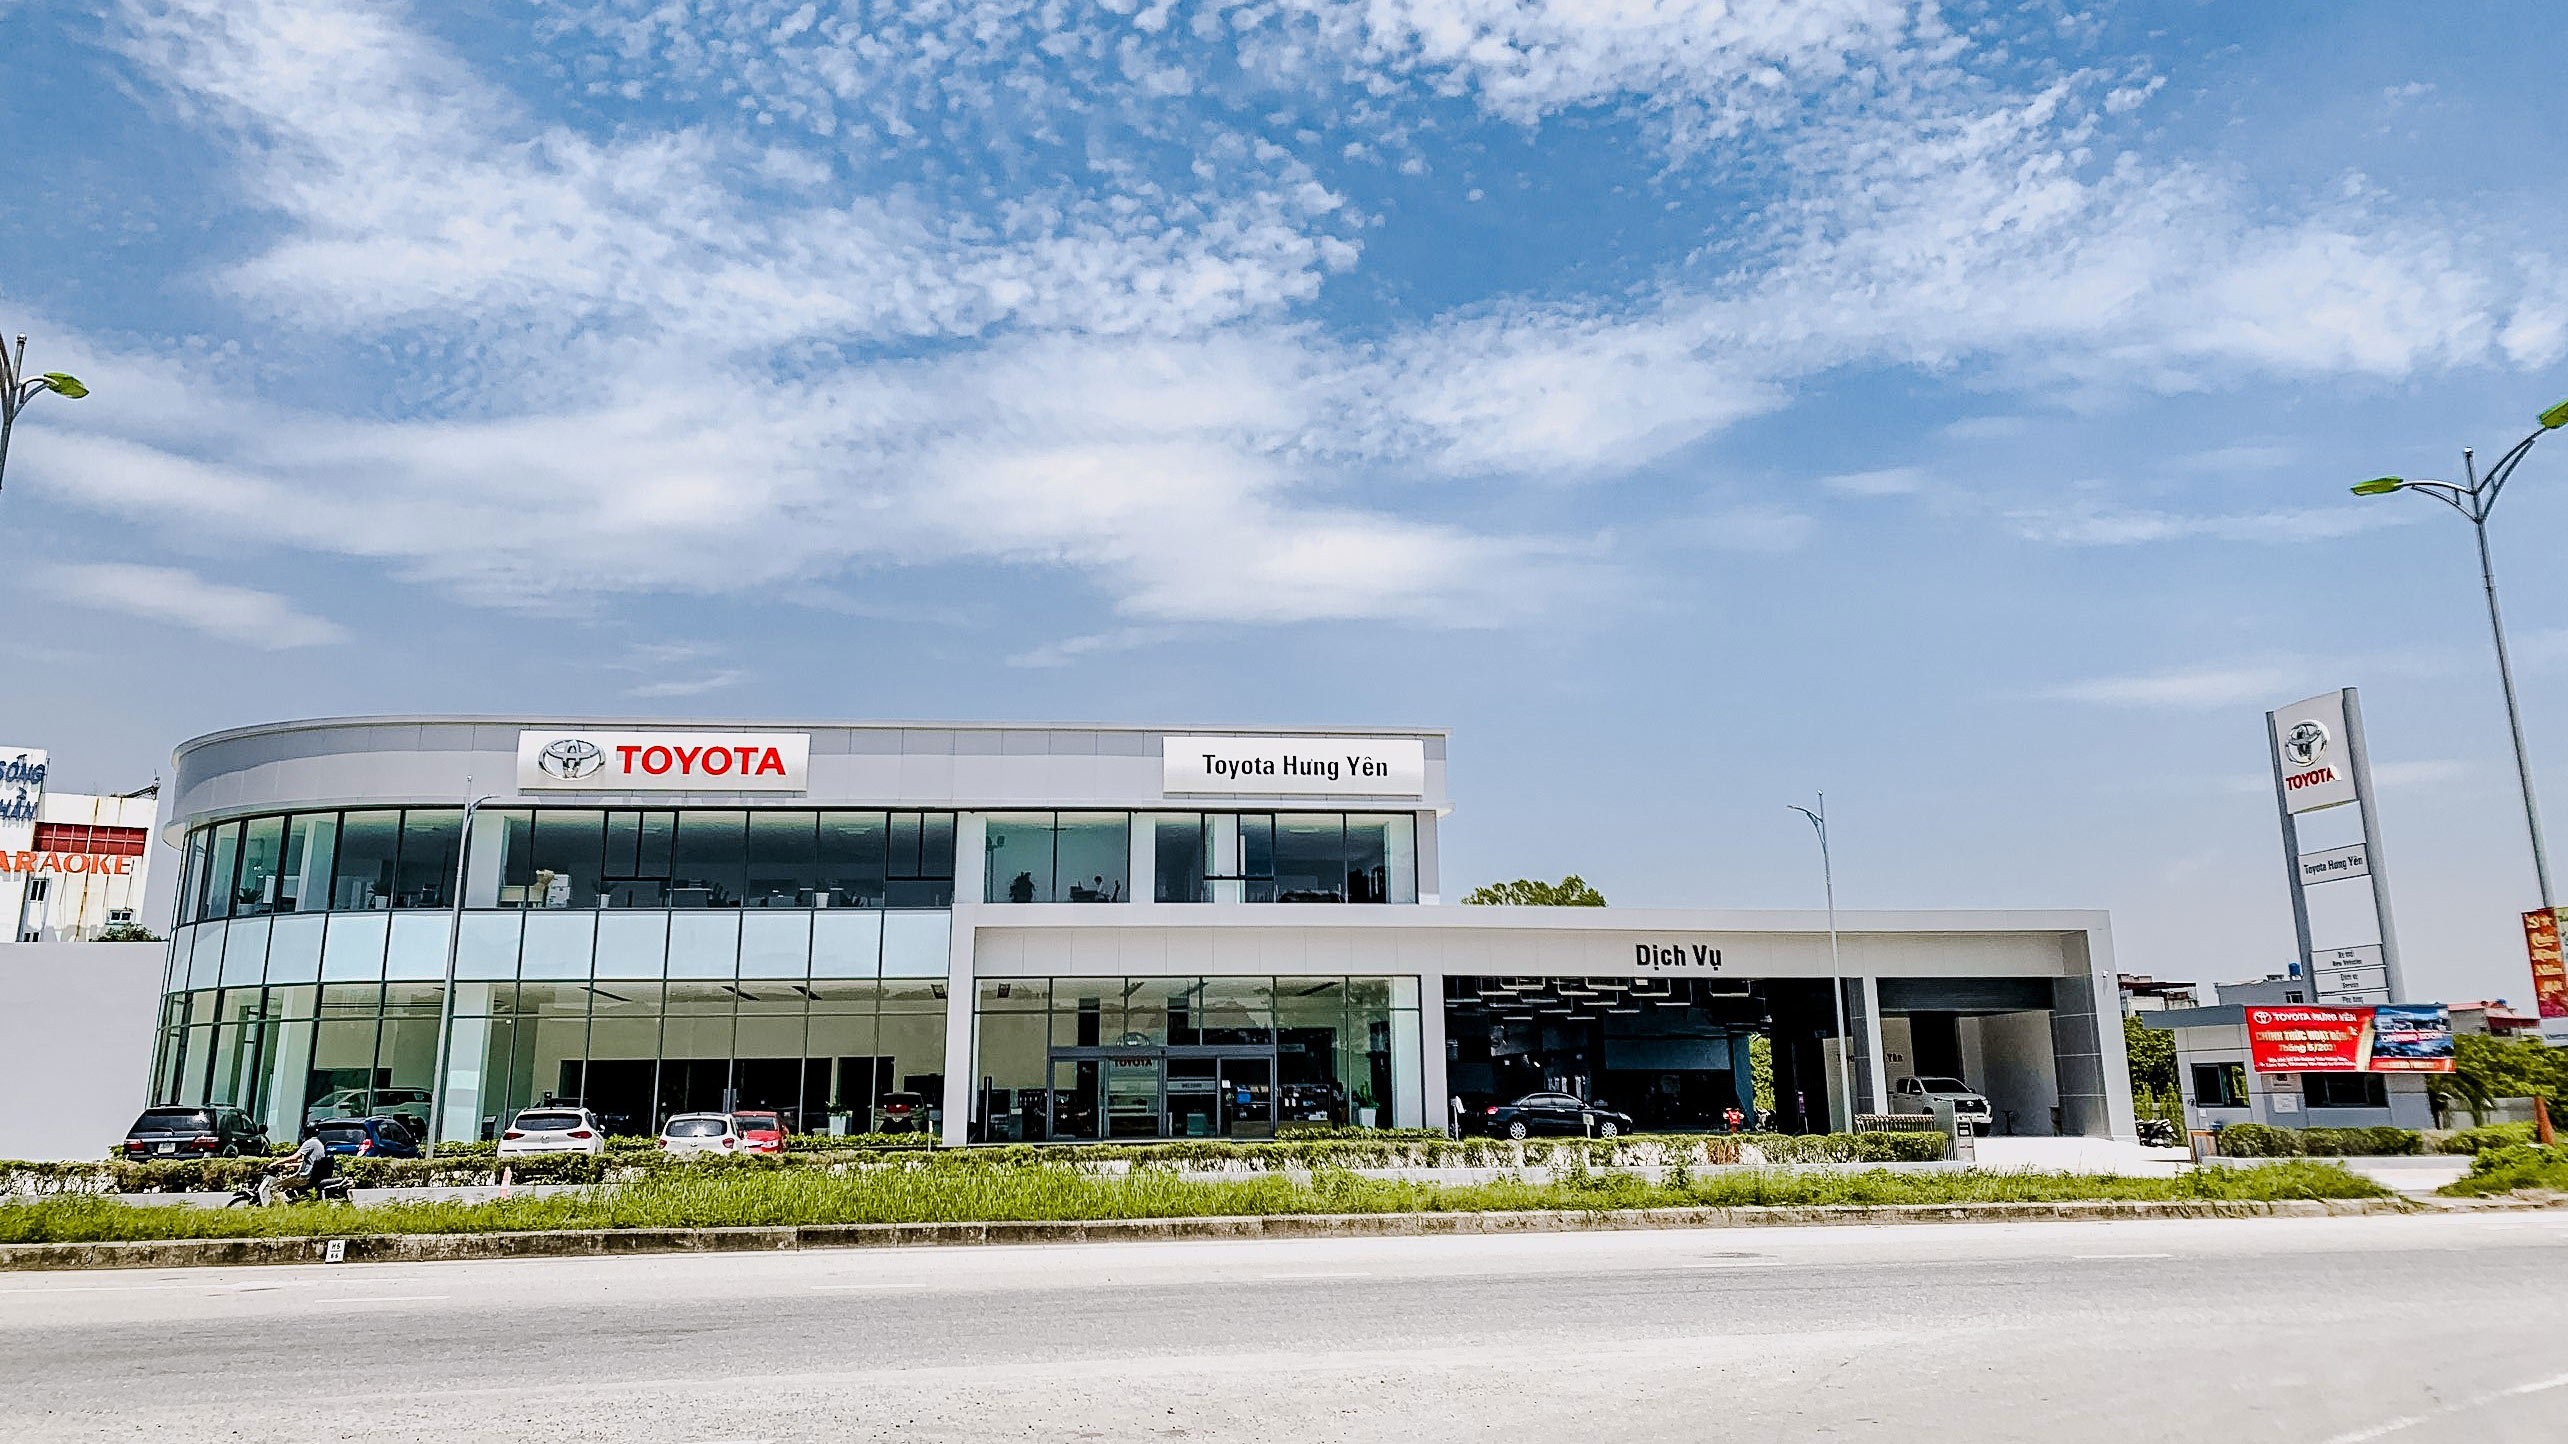 Khai trương đại lý Toyota Hưng Yên toyota-hung-yen.jpg